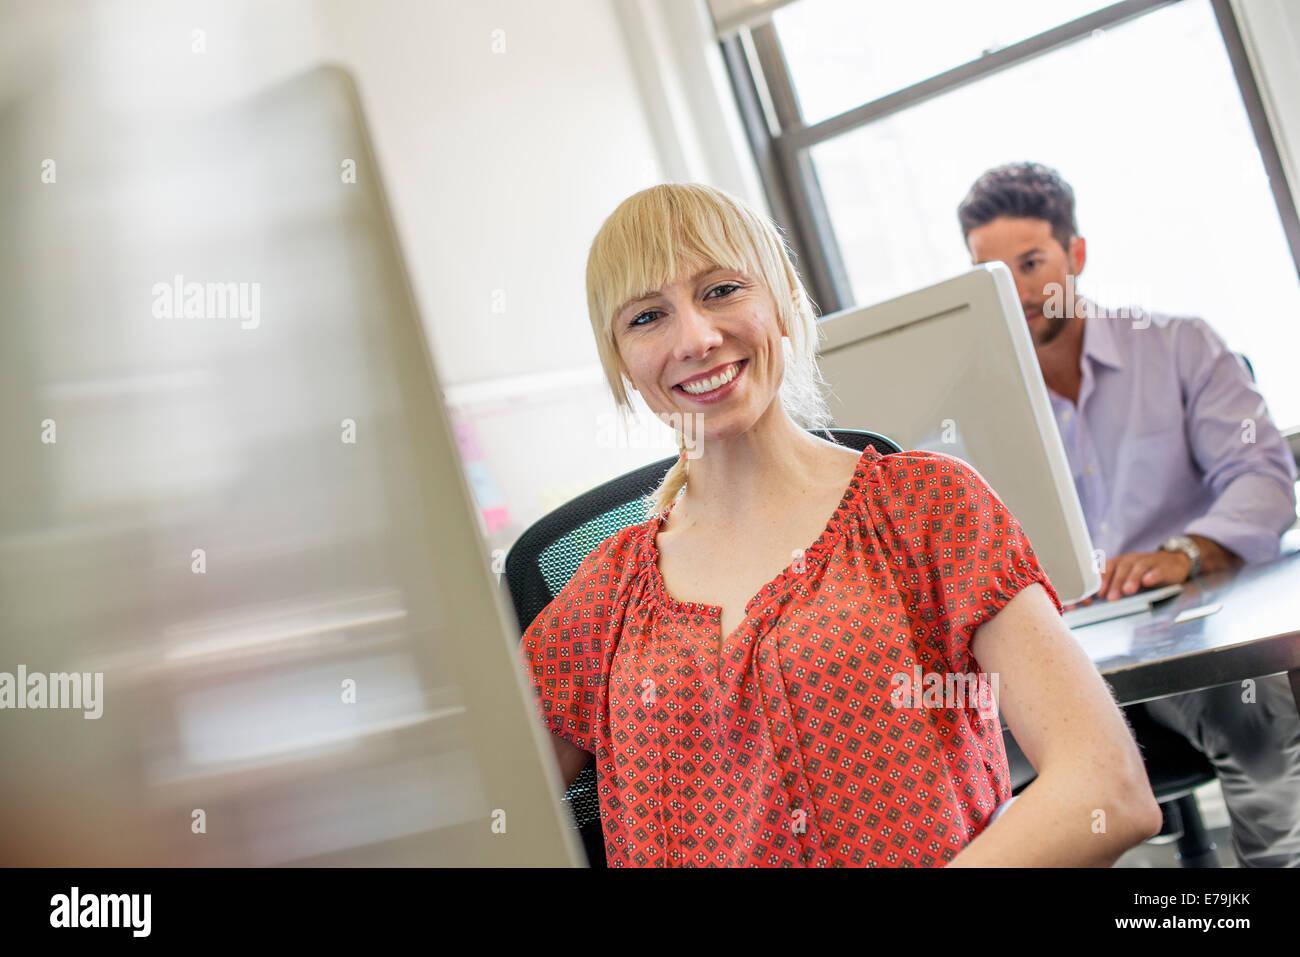 Vida de oficina. Dos personas sentadas en los escritorios usando computadoras. Imagen De Stock